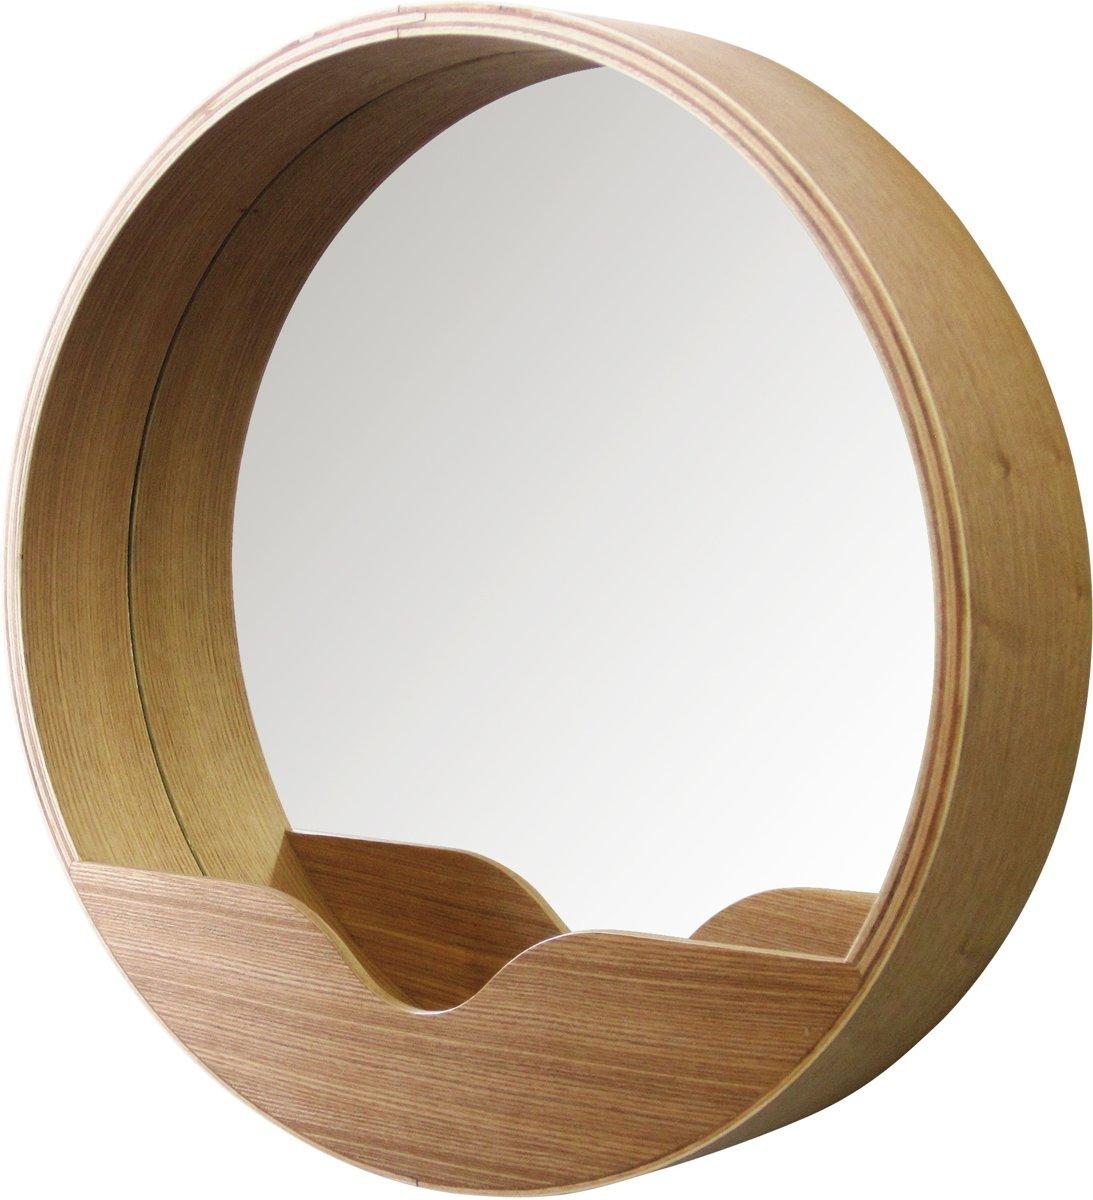 Spiegel Rond Hout : Houten lijst rond een kozijn goedkope meubels goedkope